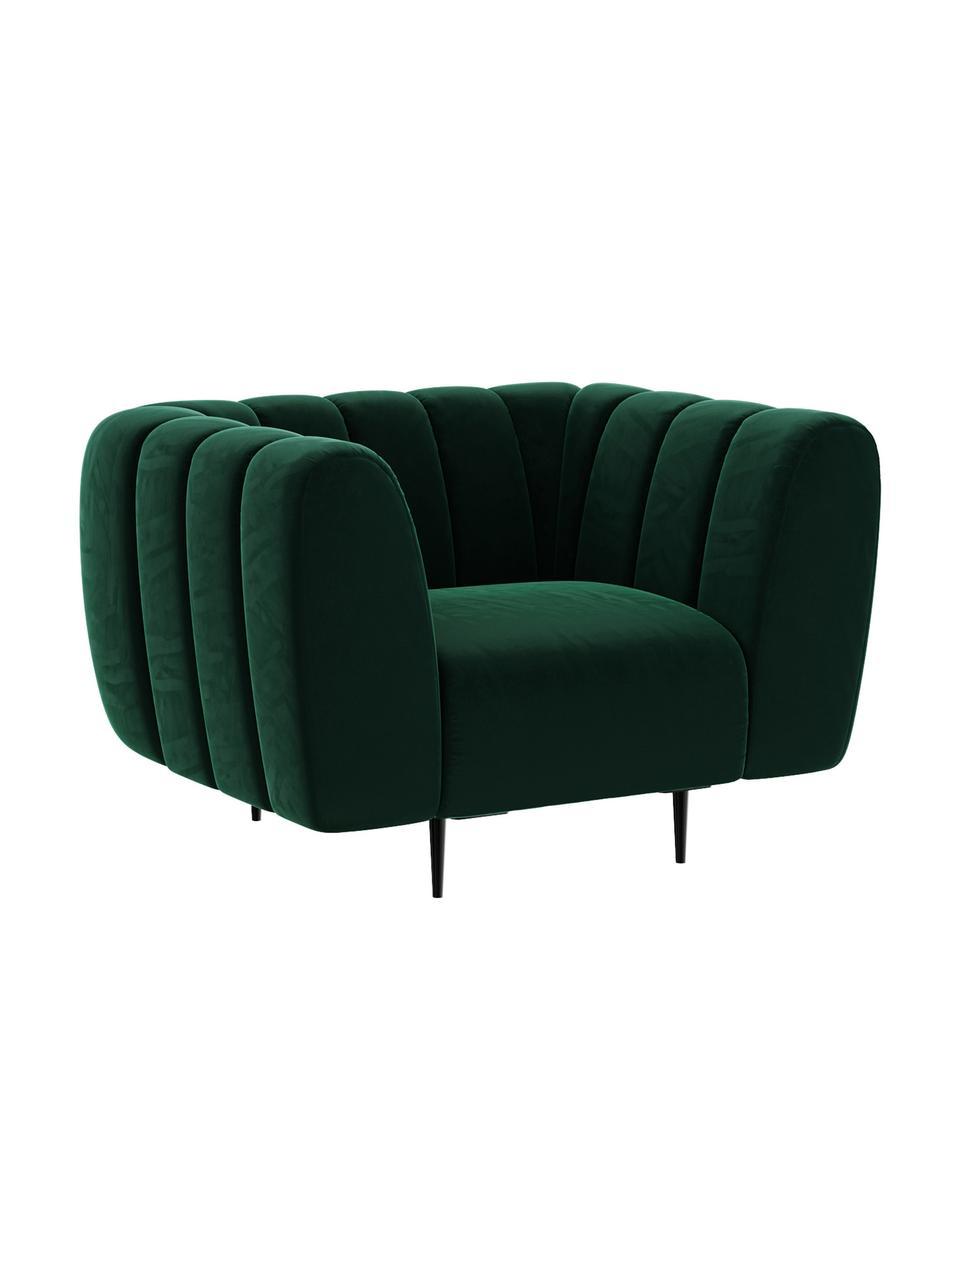 Fotel z aksamitu Shel, Tapicerka: 100% aksamit poliestrowy , Stelaż: twarde drewno, miękkie dr, Nogi: metal powlekany, Ciemnyzielony, S 110 x G 95 cm